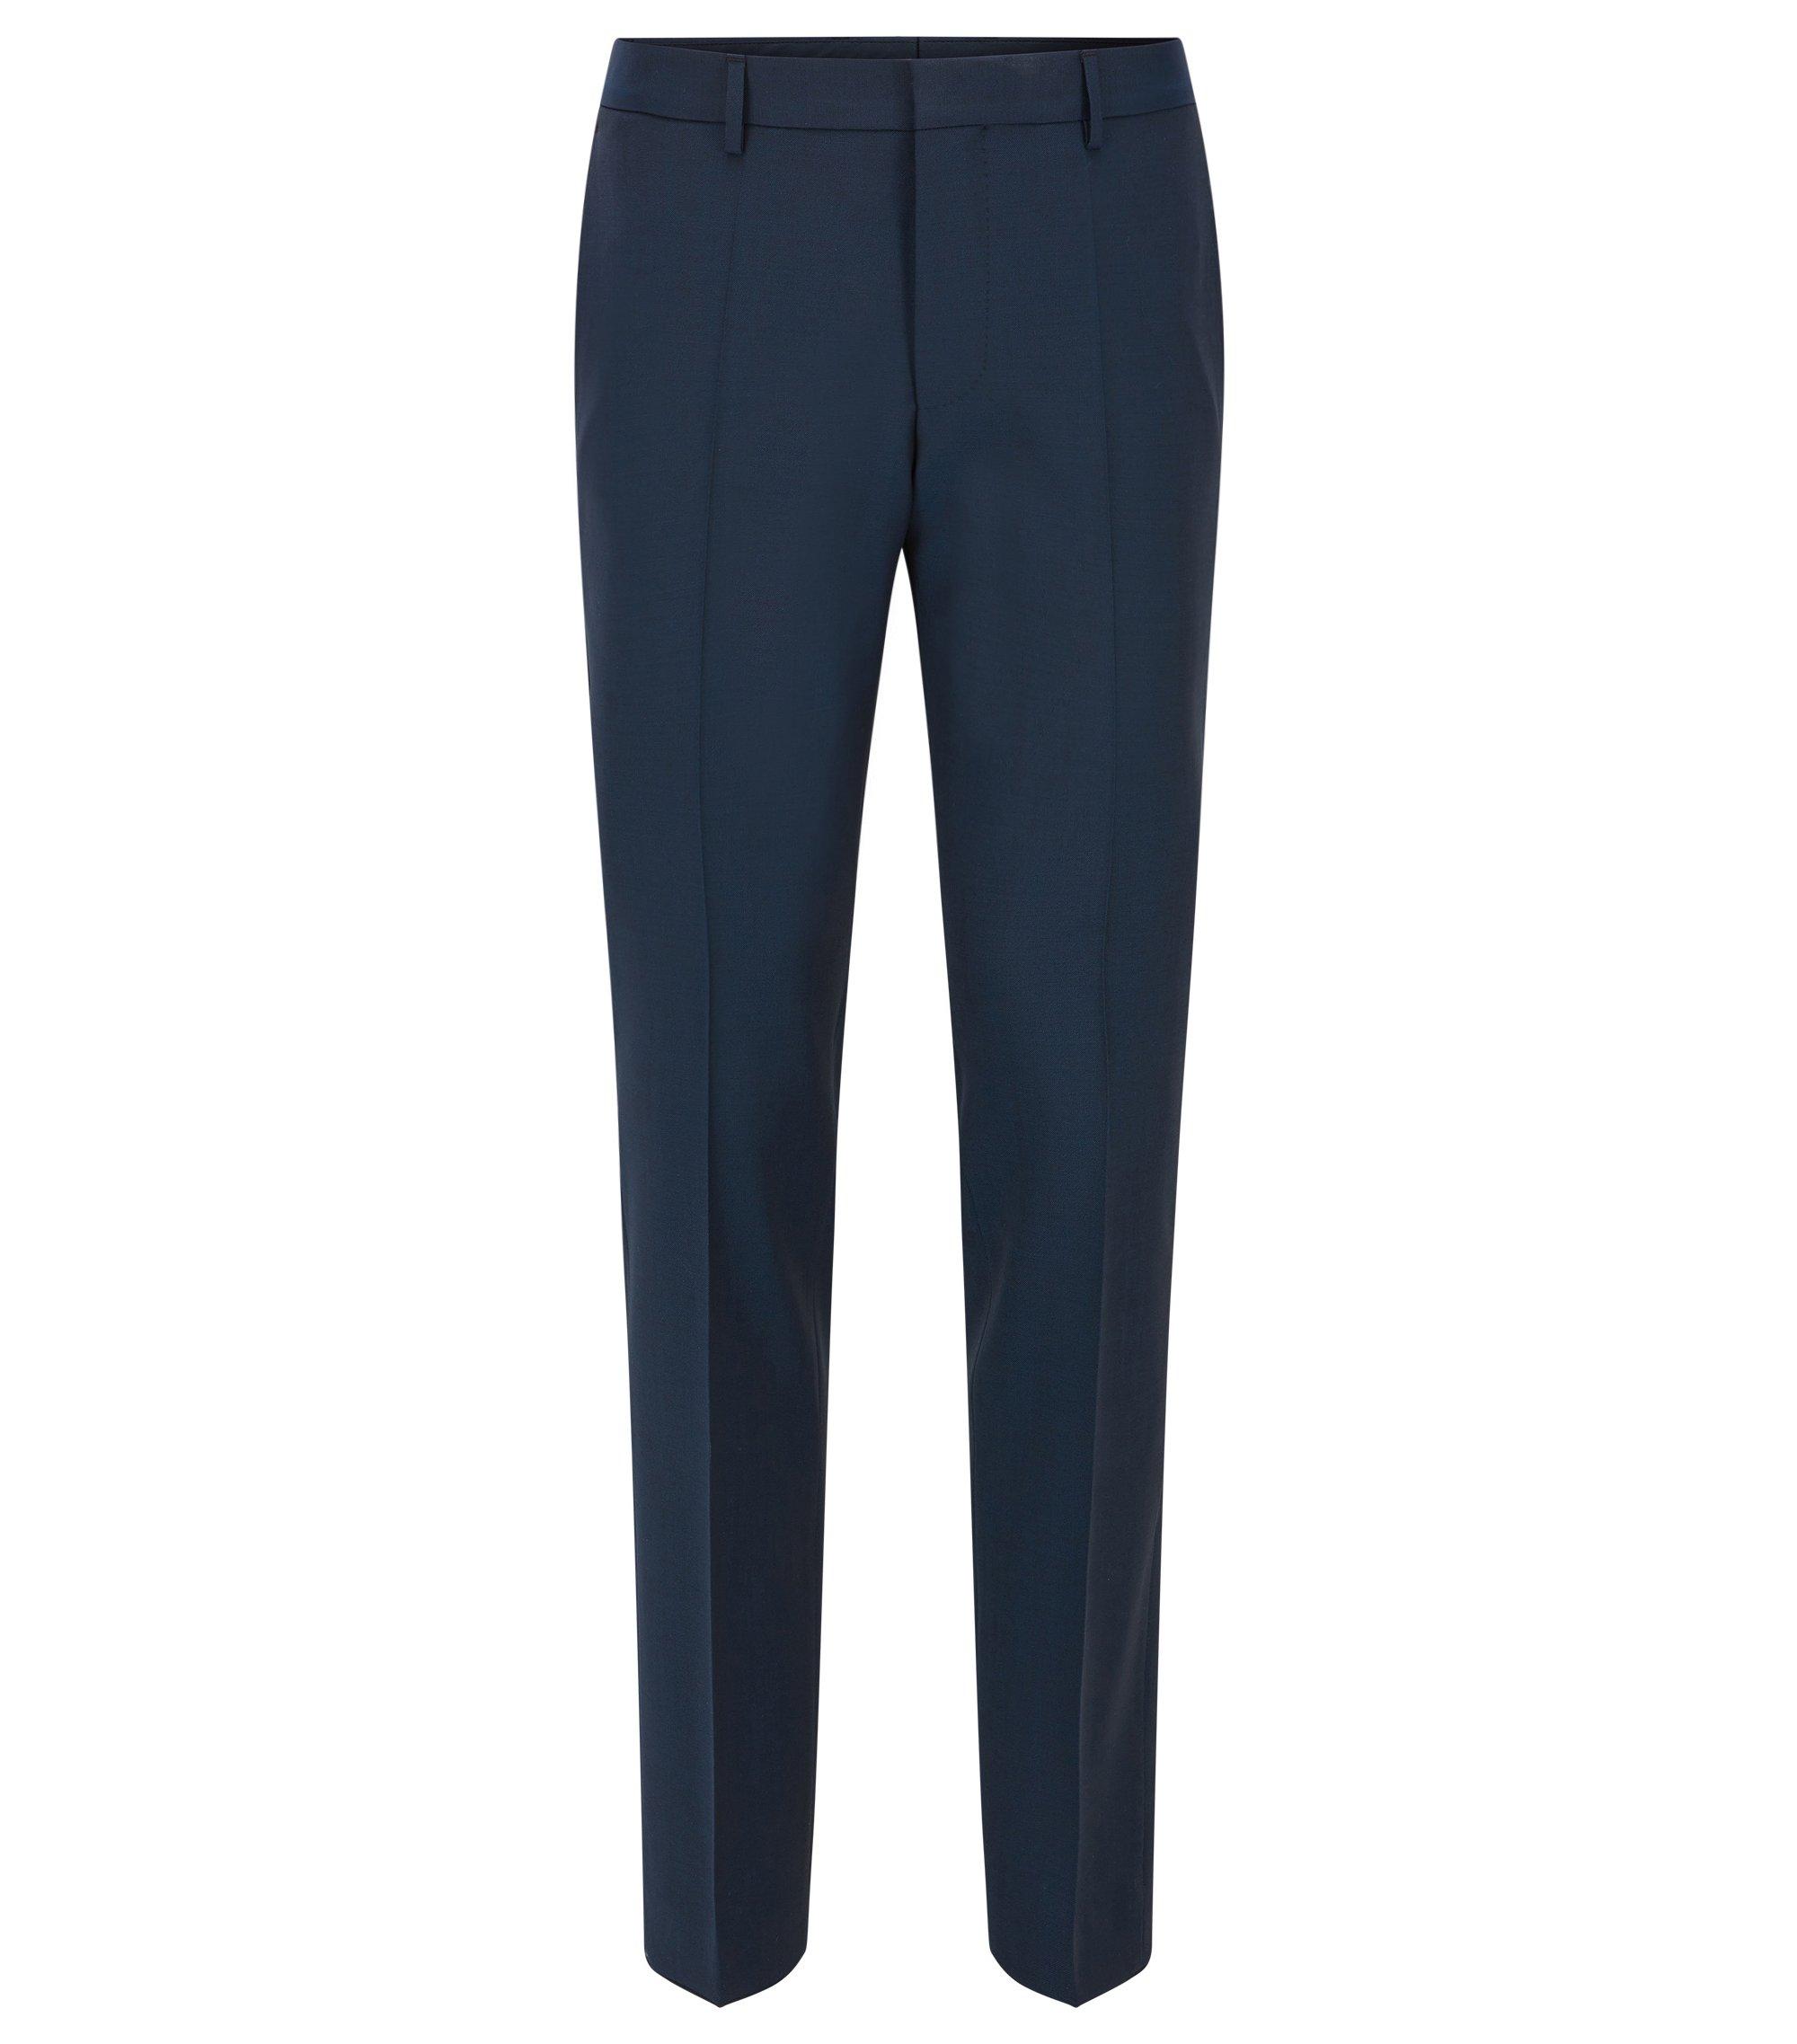 Pantaloni slim fit in lana vergine con dettaglio a contrasto, Blu scuro